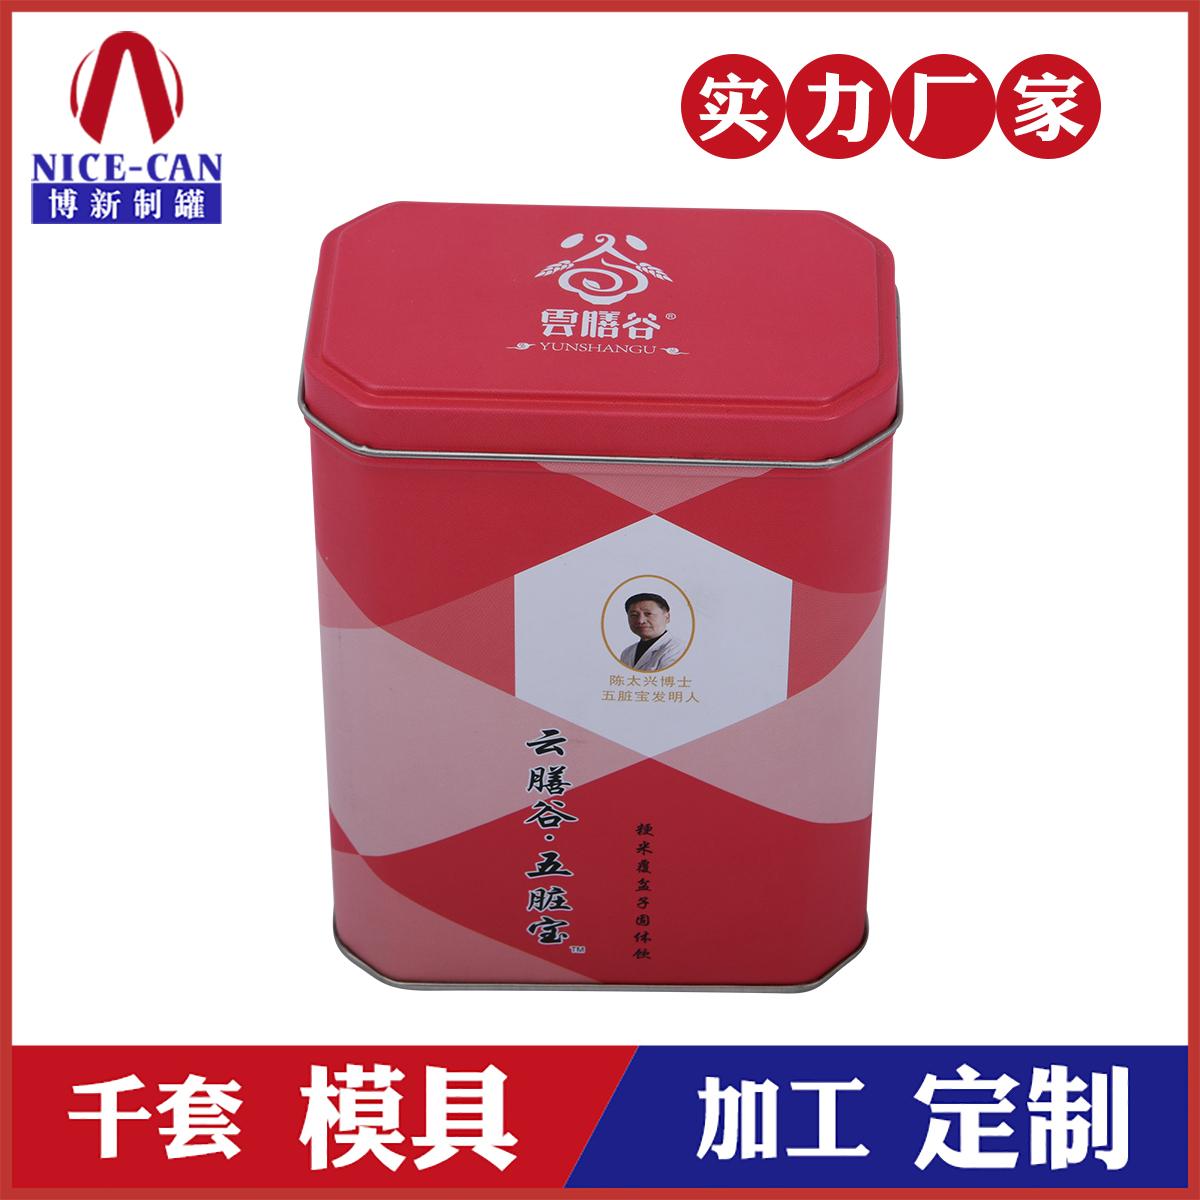 方形茶叶铁罐-茶叶铁盒定制厂家